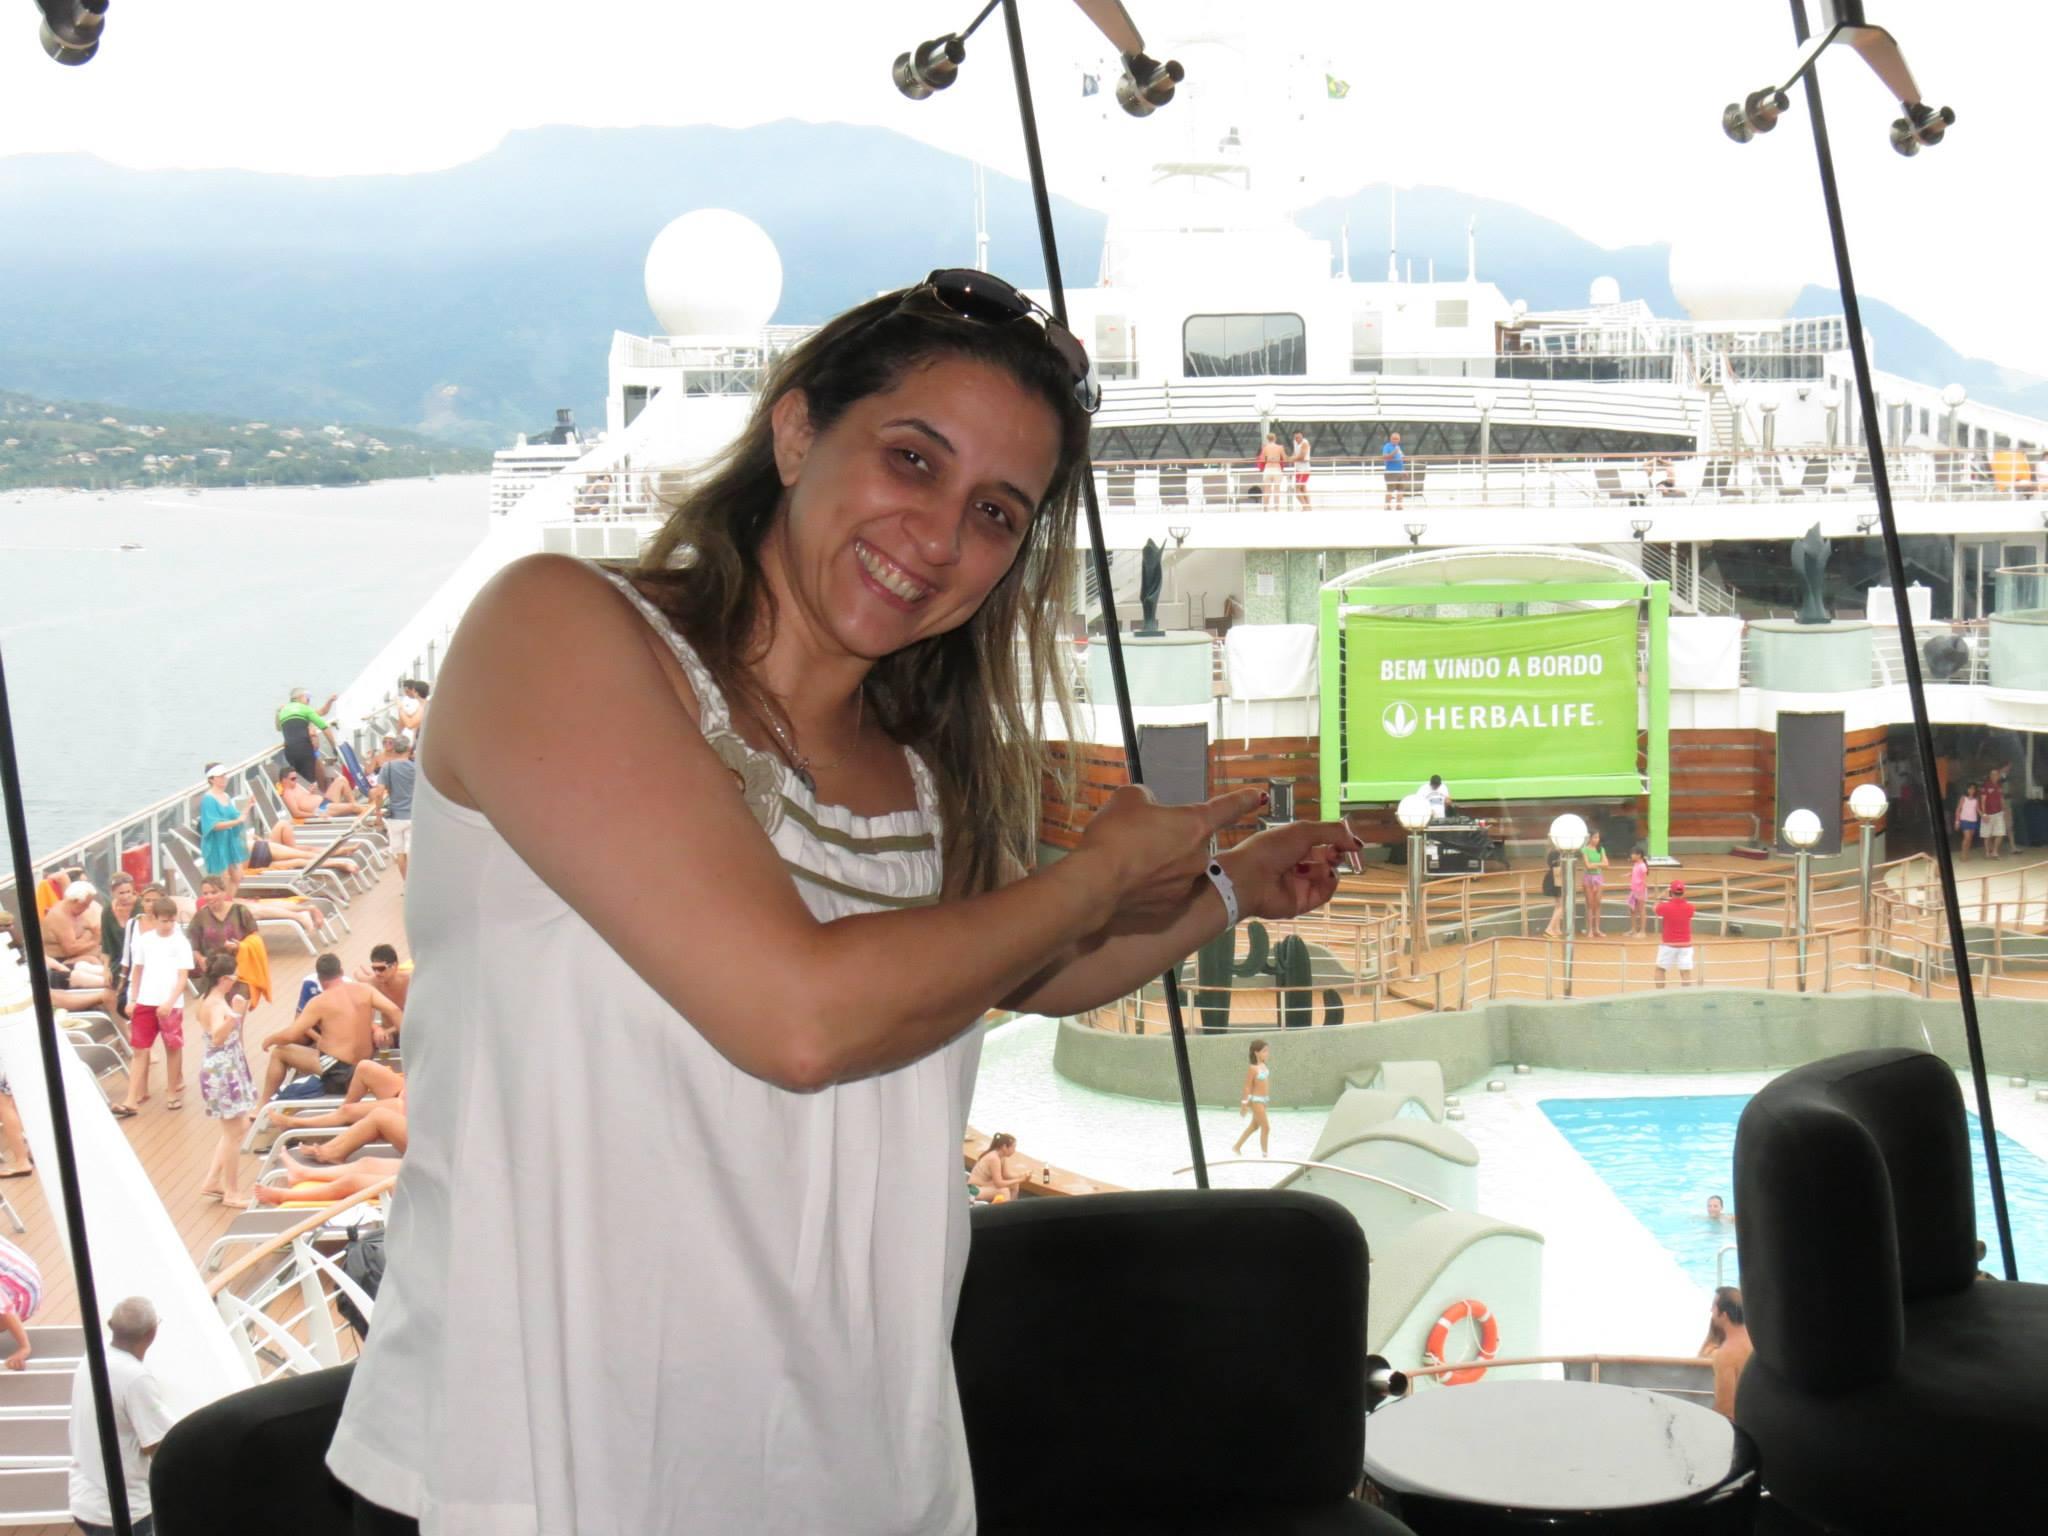 Herbalife reconhecimento premio viagem incentivo 01